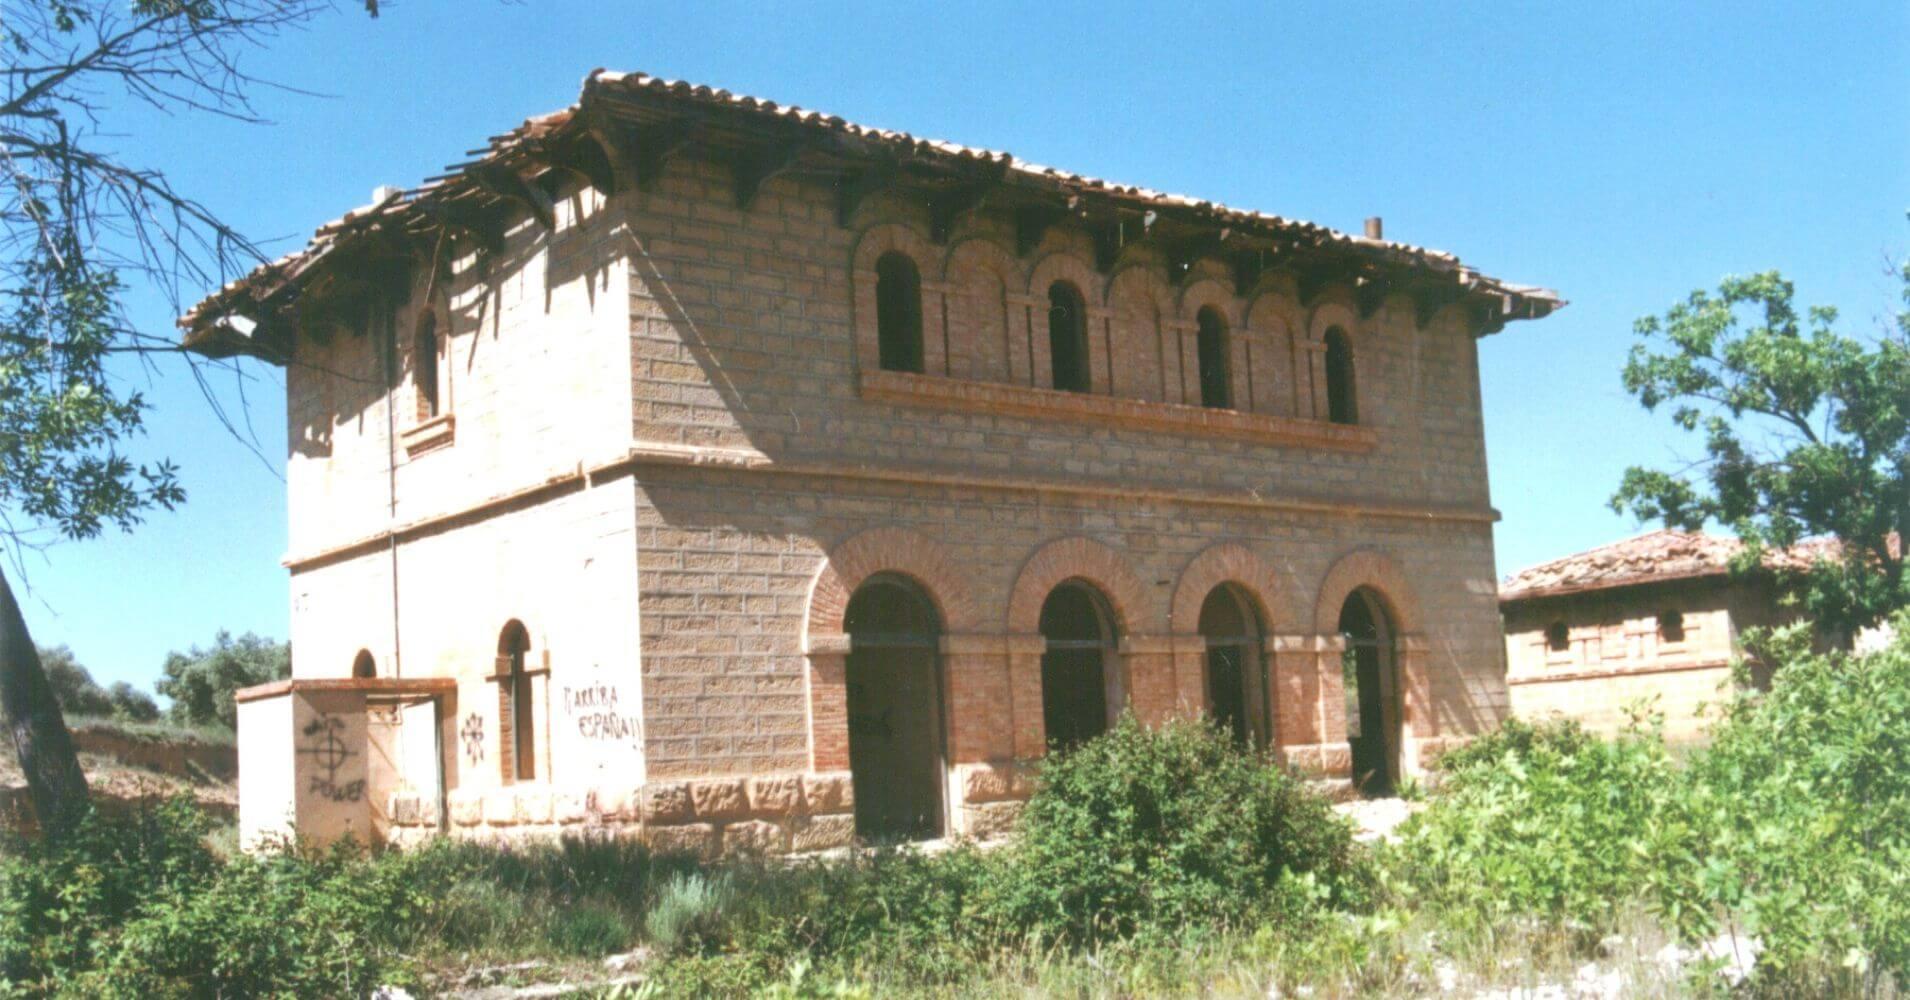 Vía Verde Val de Zafán. Estación Mudéjar de Valjunquera. Teruel, Aragón.